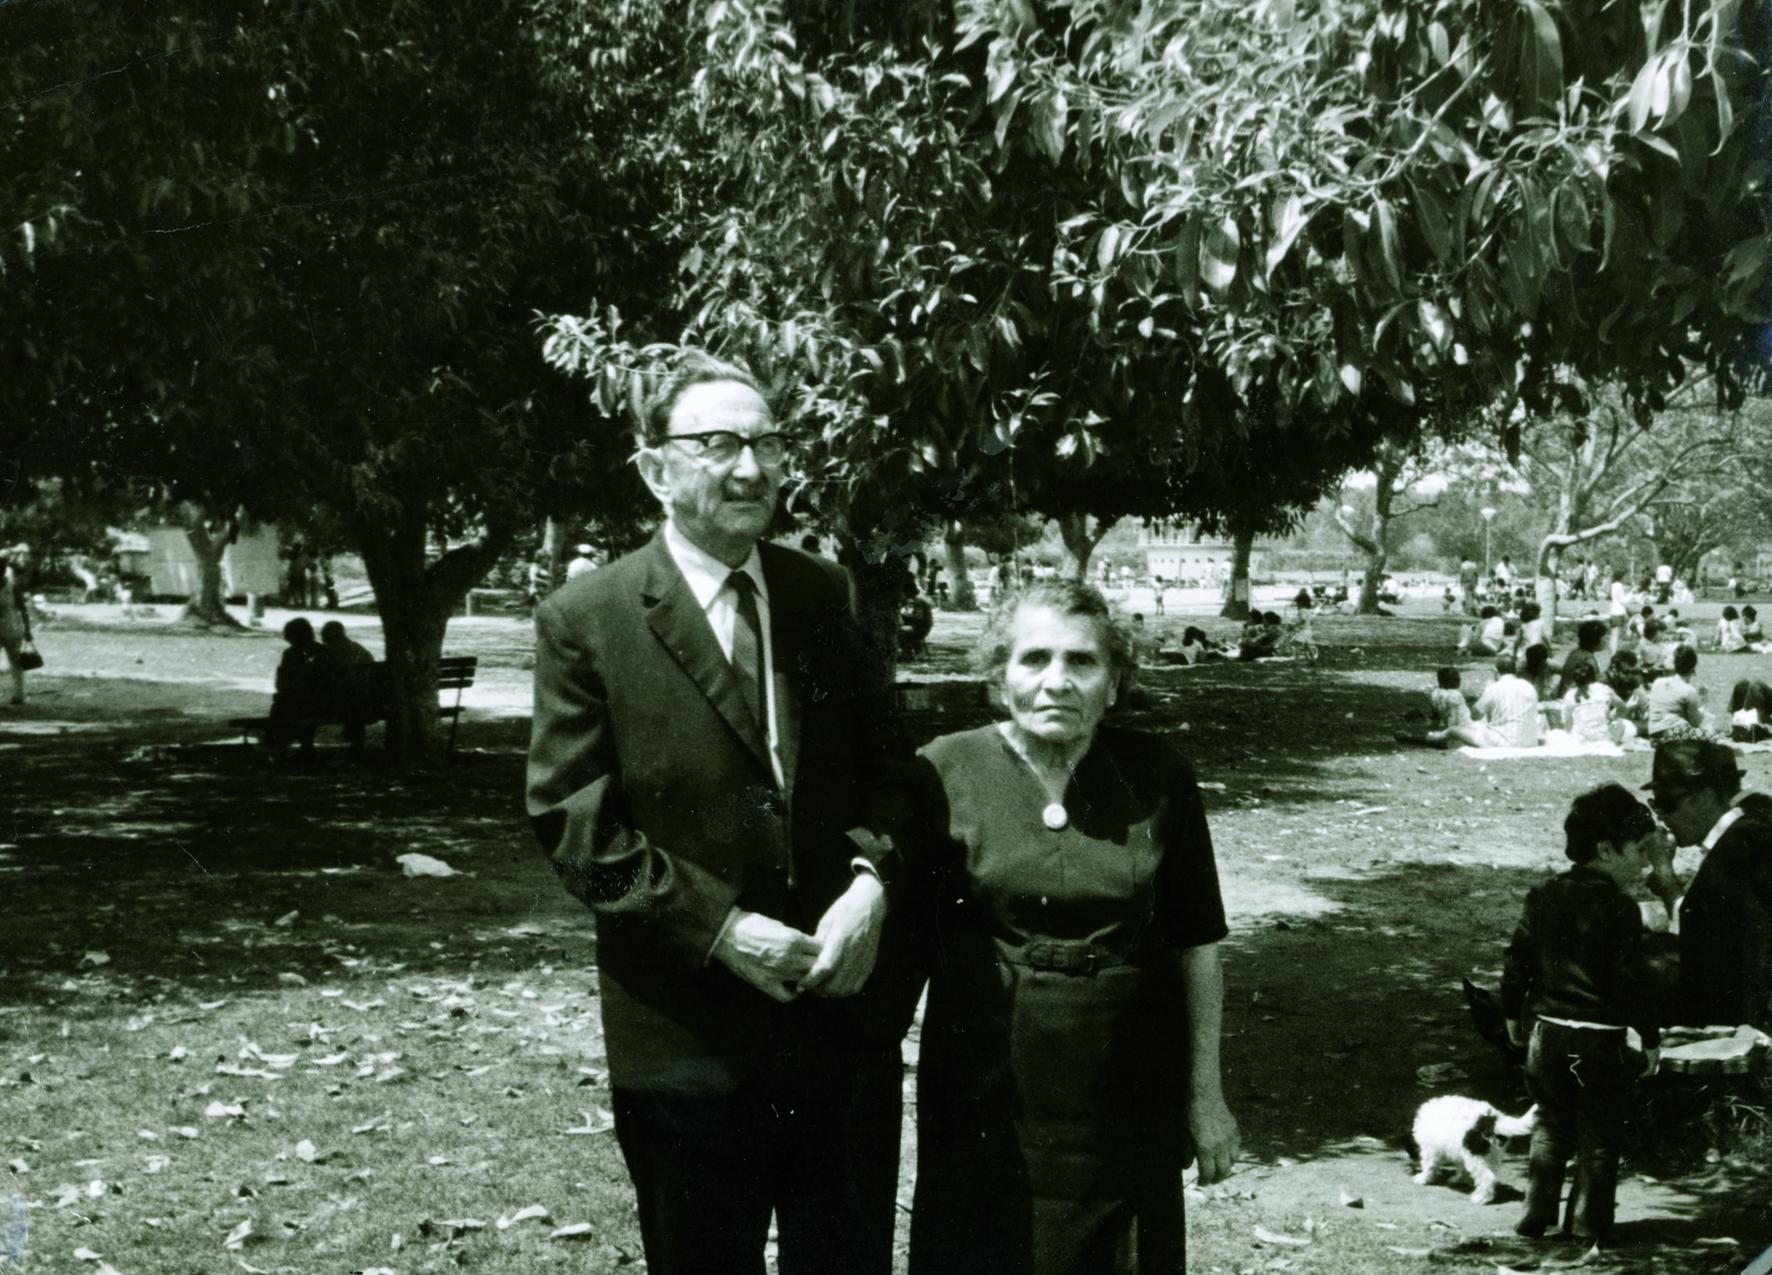 Vinezija (nee Baruh), Nisim Navon's maternal aunt with her husband